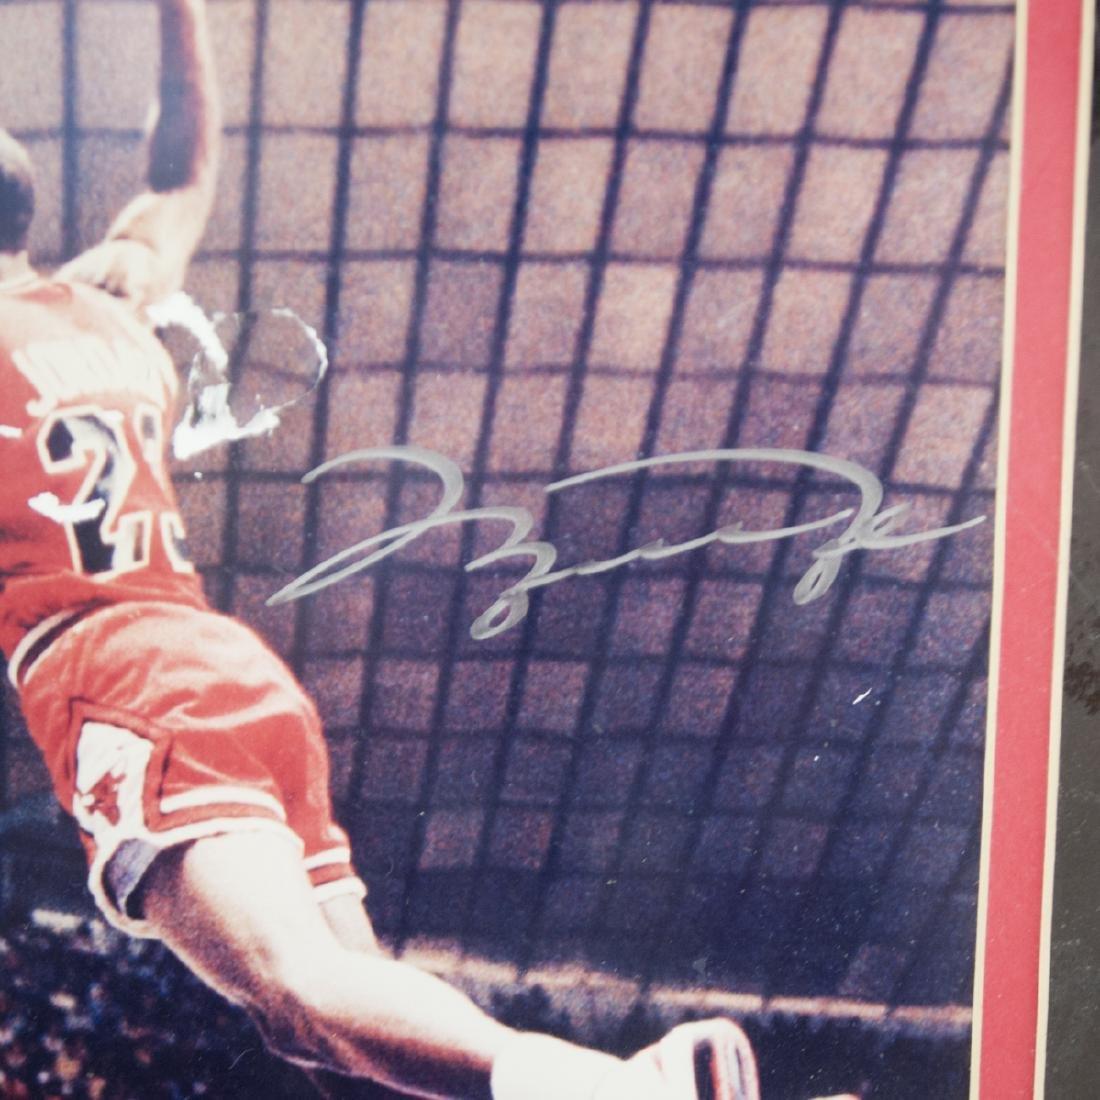 Signed Michael Jordan Memorabilia - 3